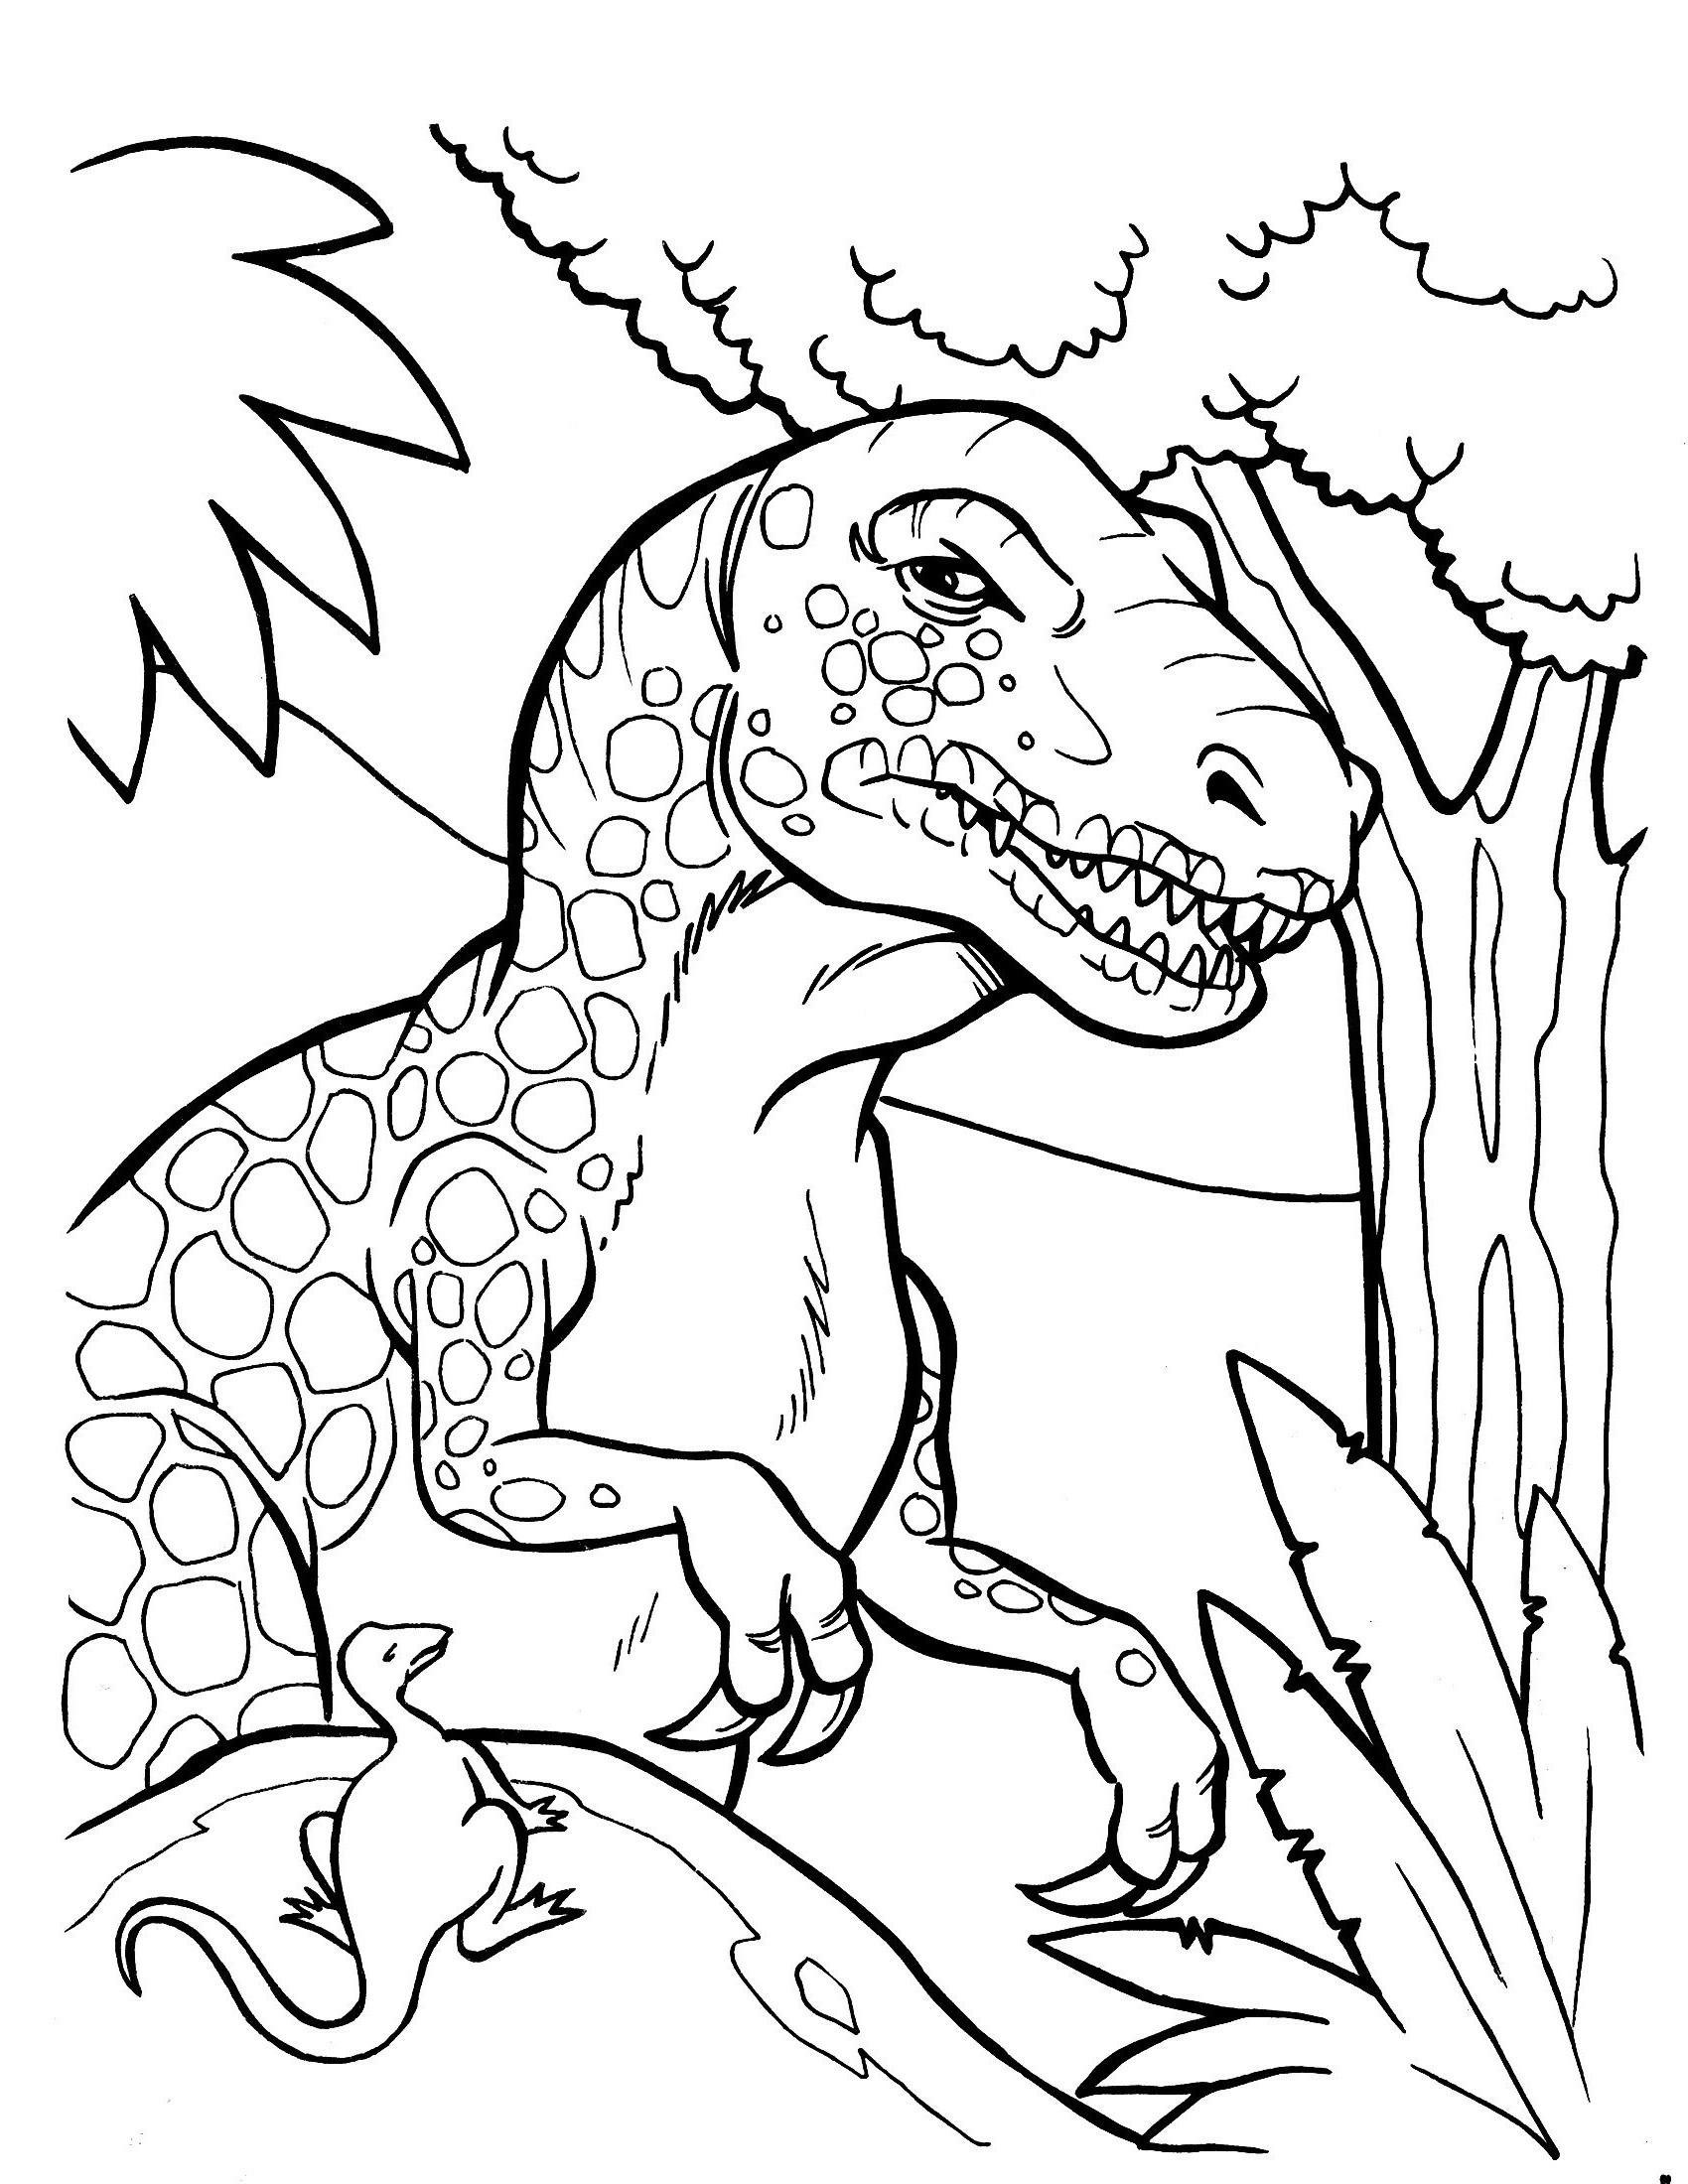 Ausmalbilder Tiere Im Wasser Einzigartig 28 Schön Malvorlage Dinosaurier – Malvorlagen Ideen Das Bild